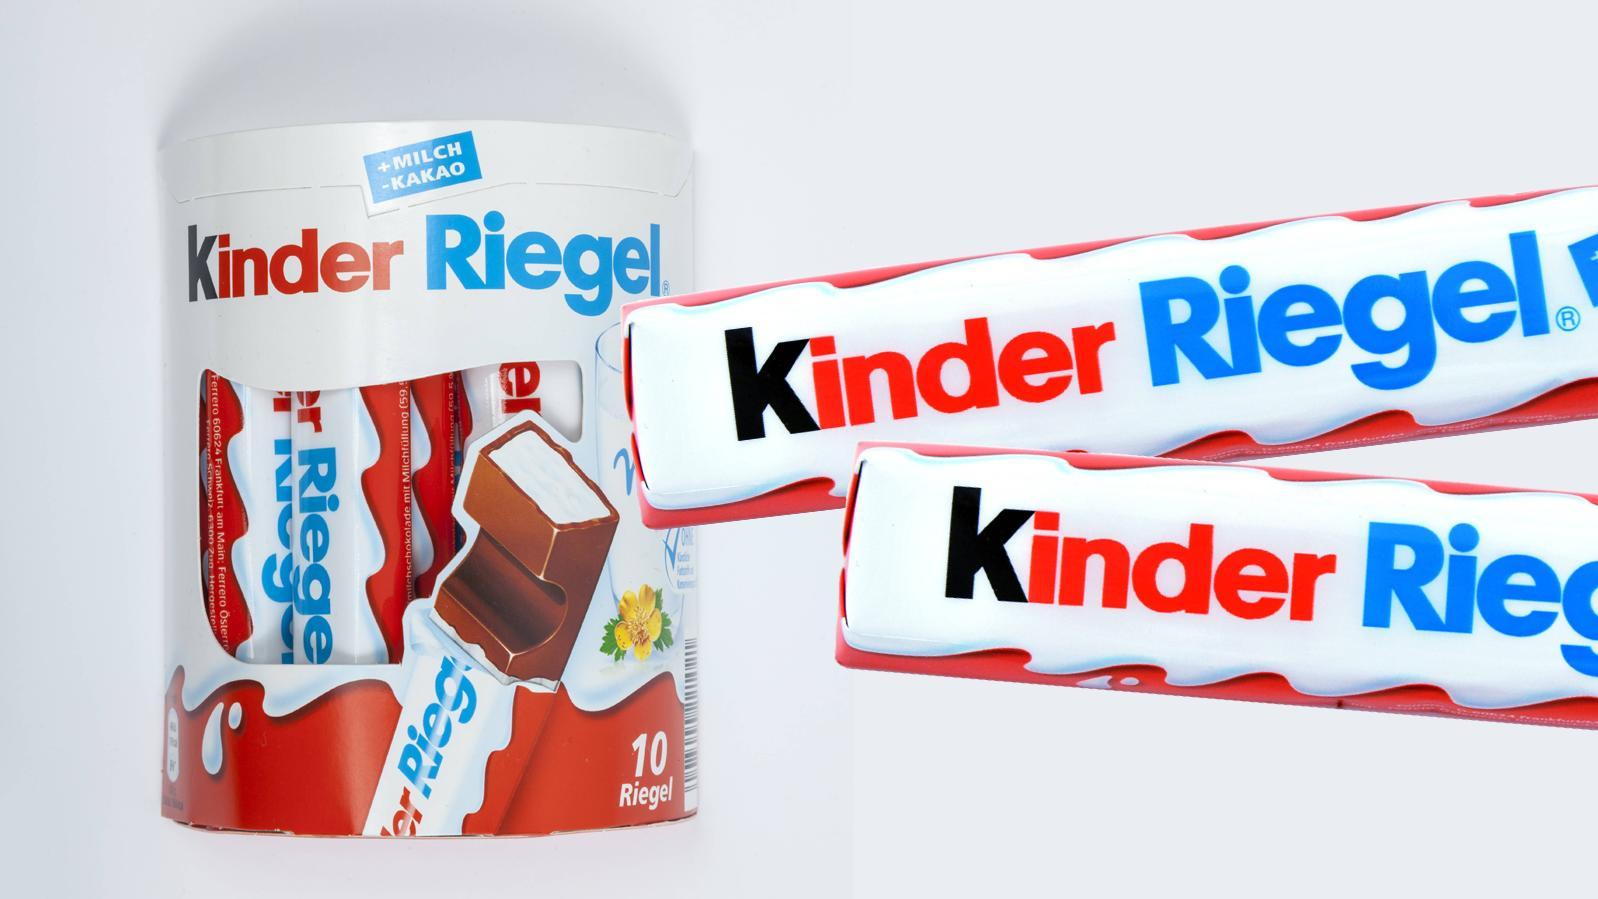 Dieser altbekannte Kinder-Riegel ist nicht der einzige im Süßigkeitenregal.